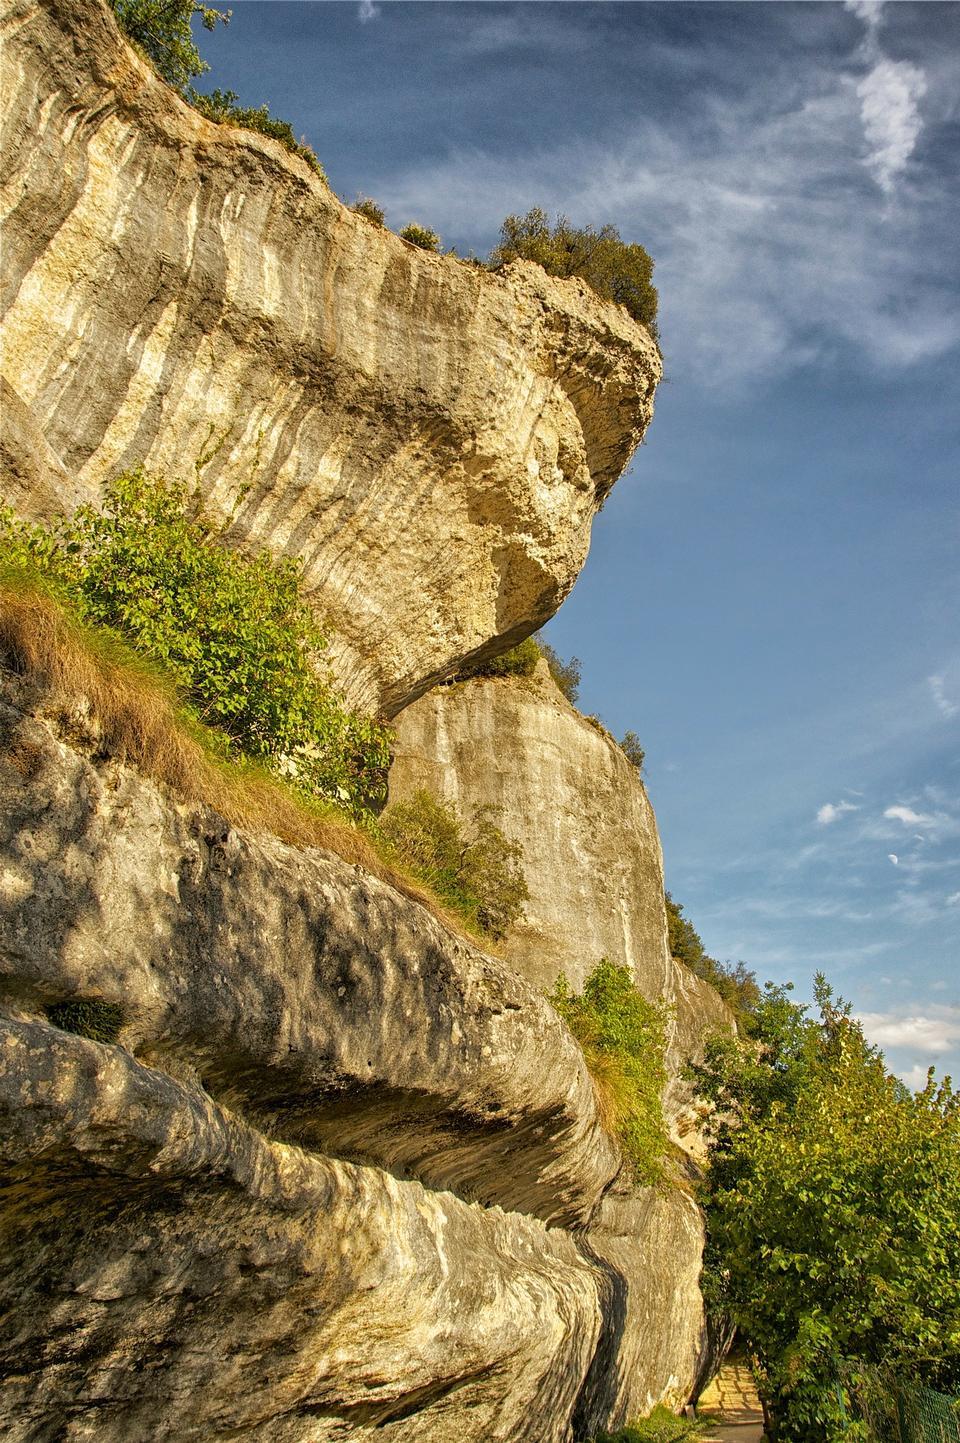 法國山懸崖天空雲樹植物